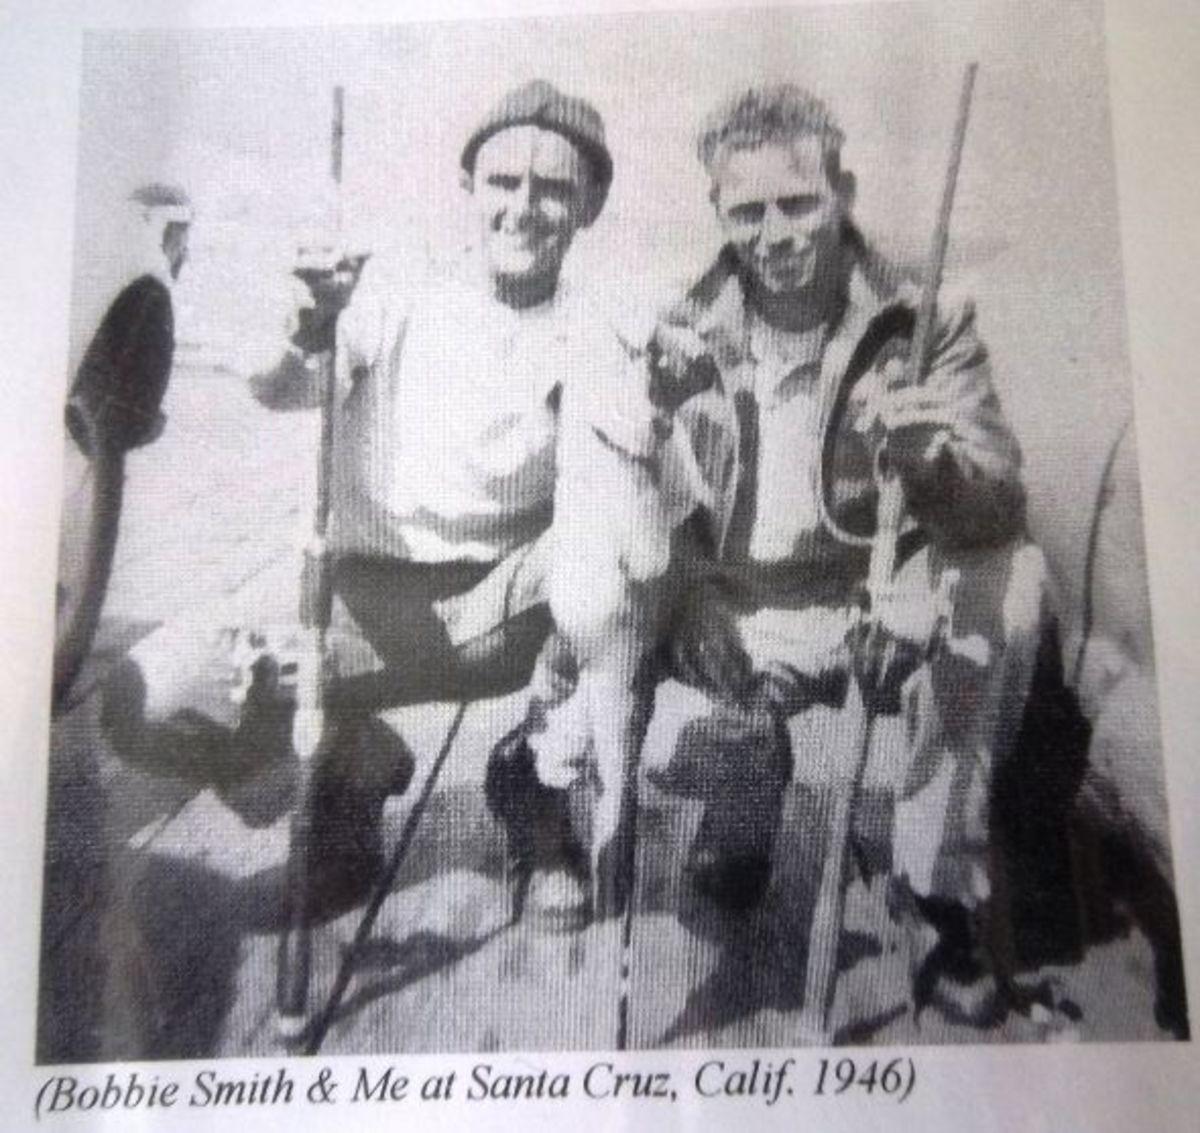 Bobbie Smith and Me at Santa Cruz, Calif. 1946